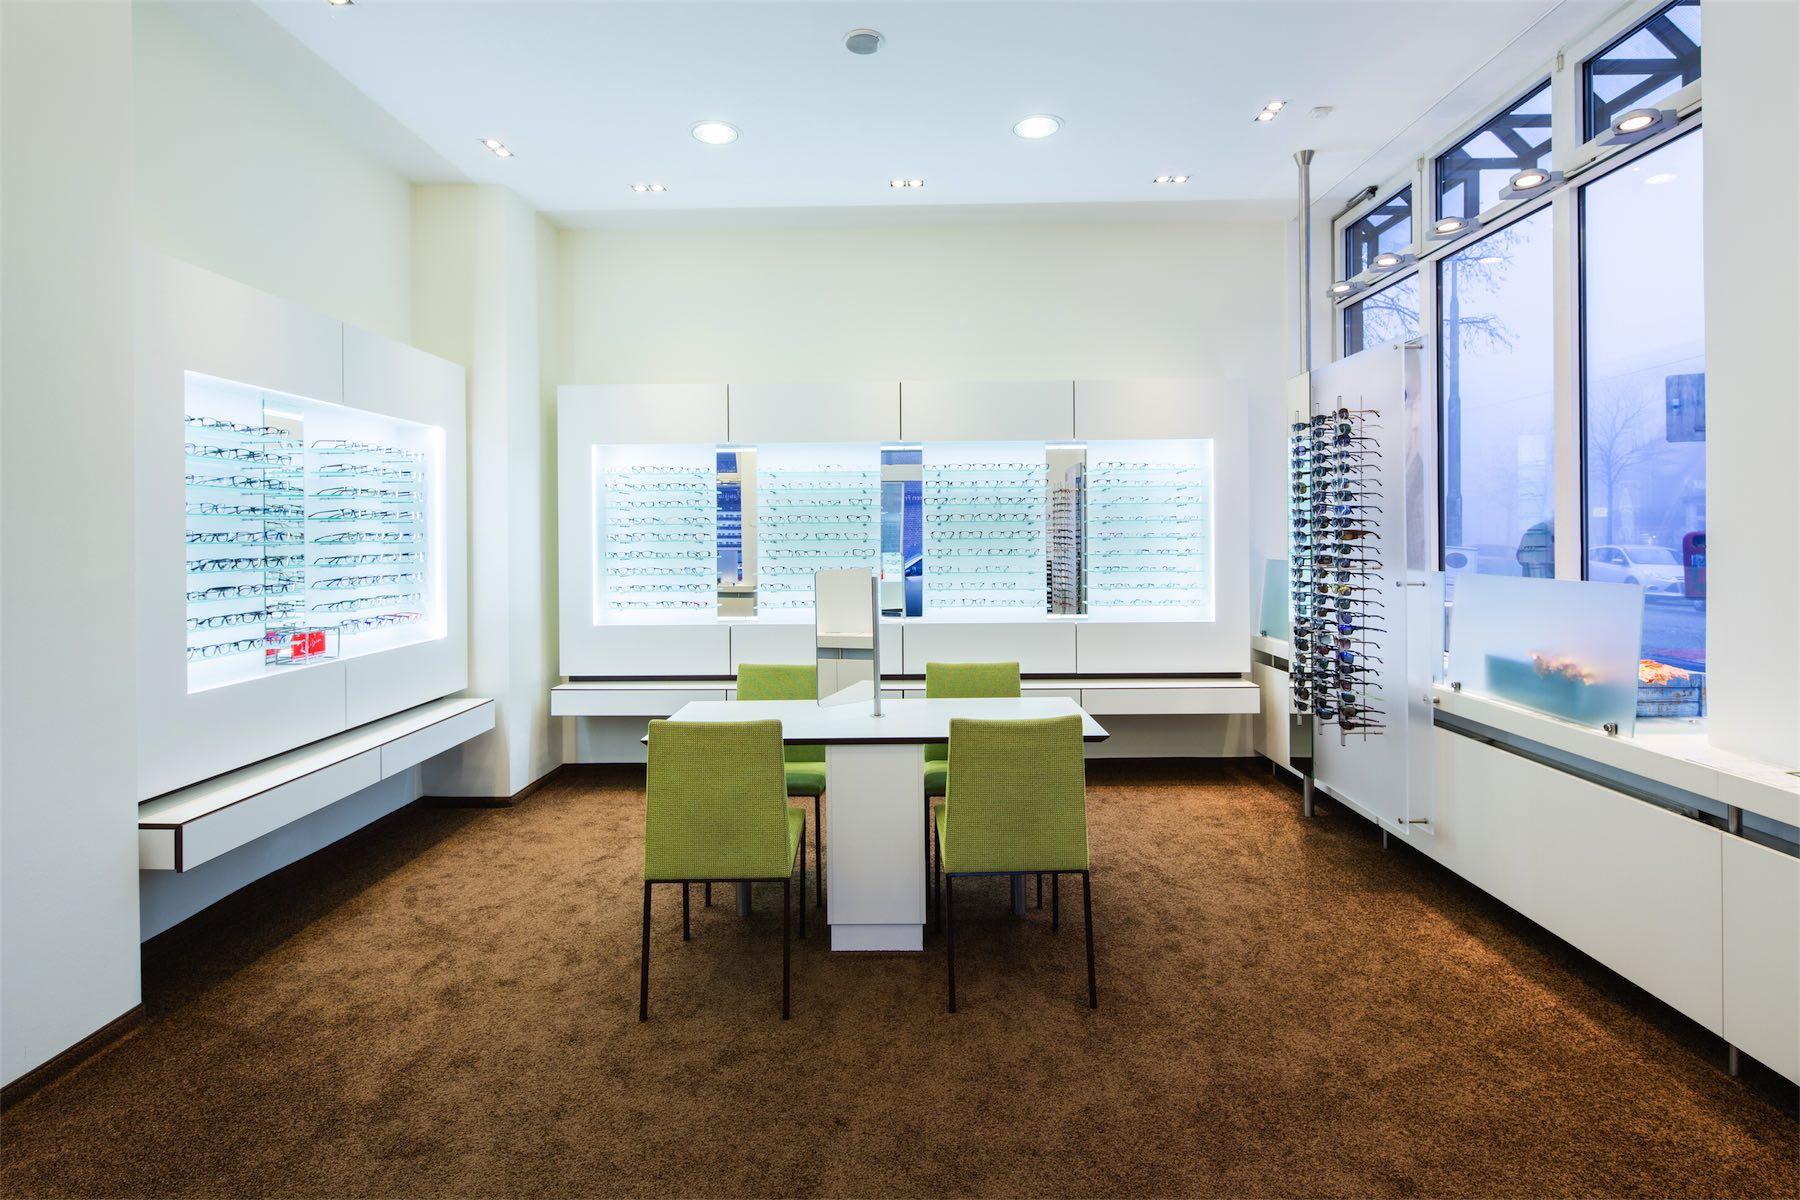 regalsystem hamburg das b roregal hamburg ist formsch n und funktional regalsystem wind. Black Bedroom Furniture Sets. Home Design Ideas